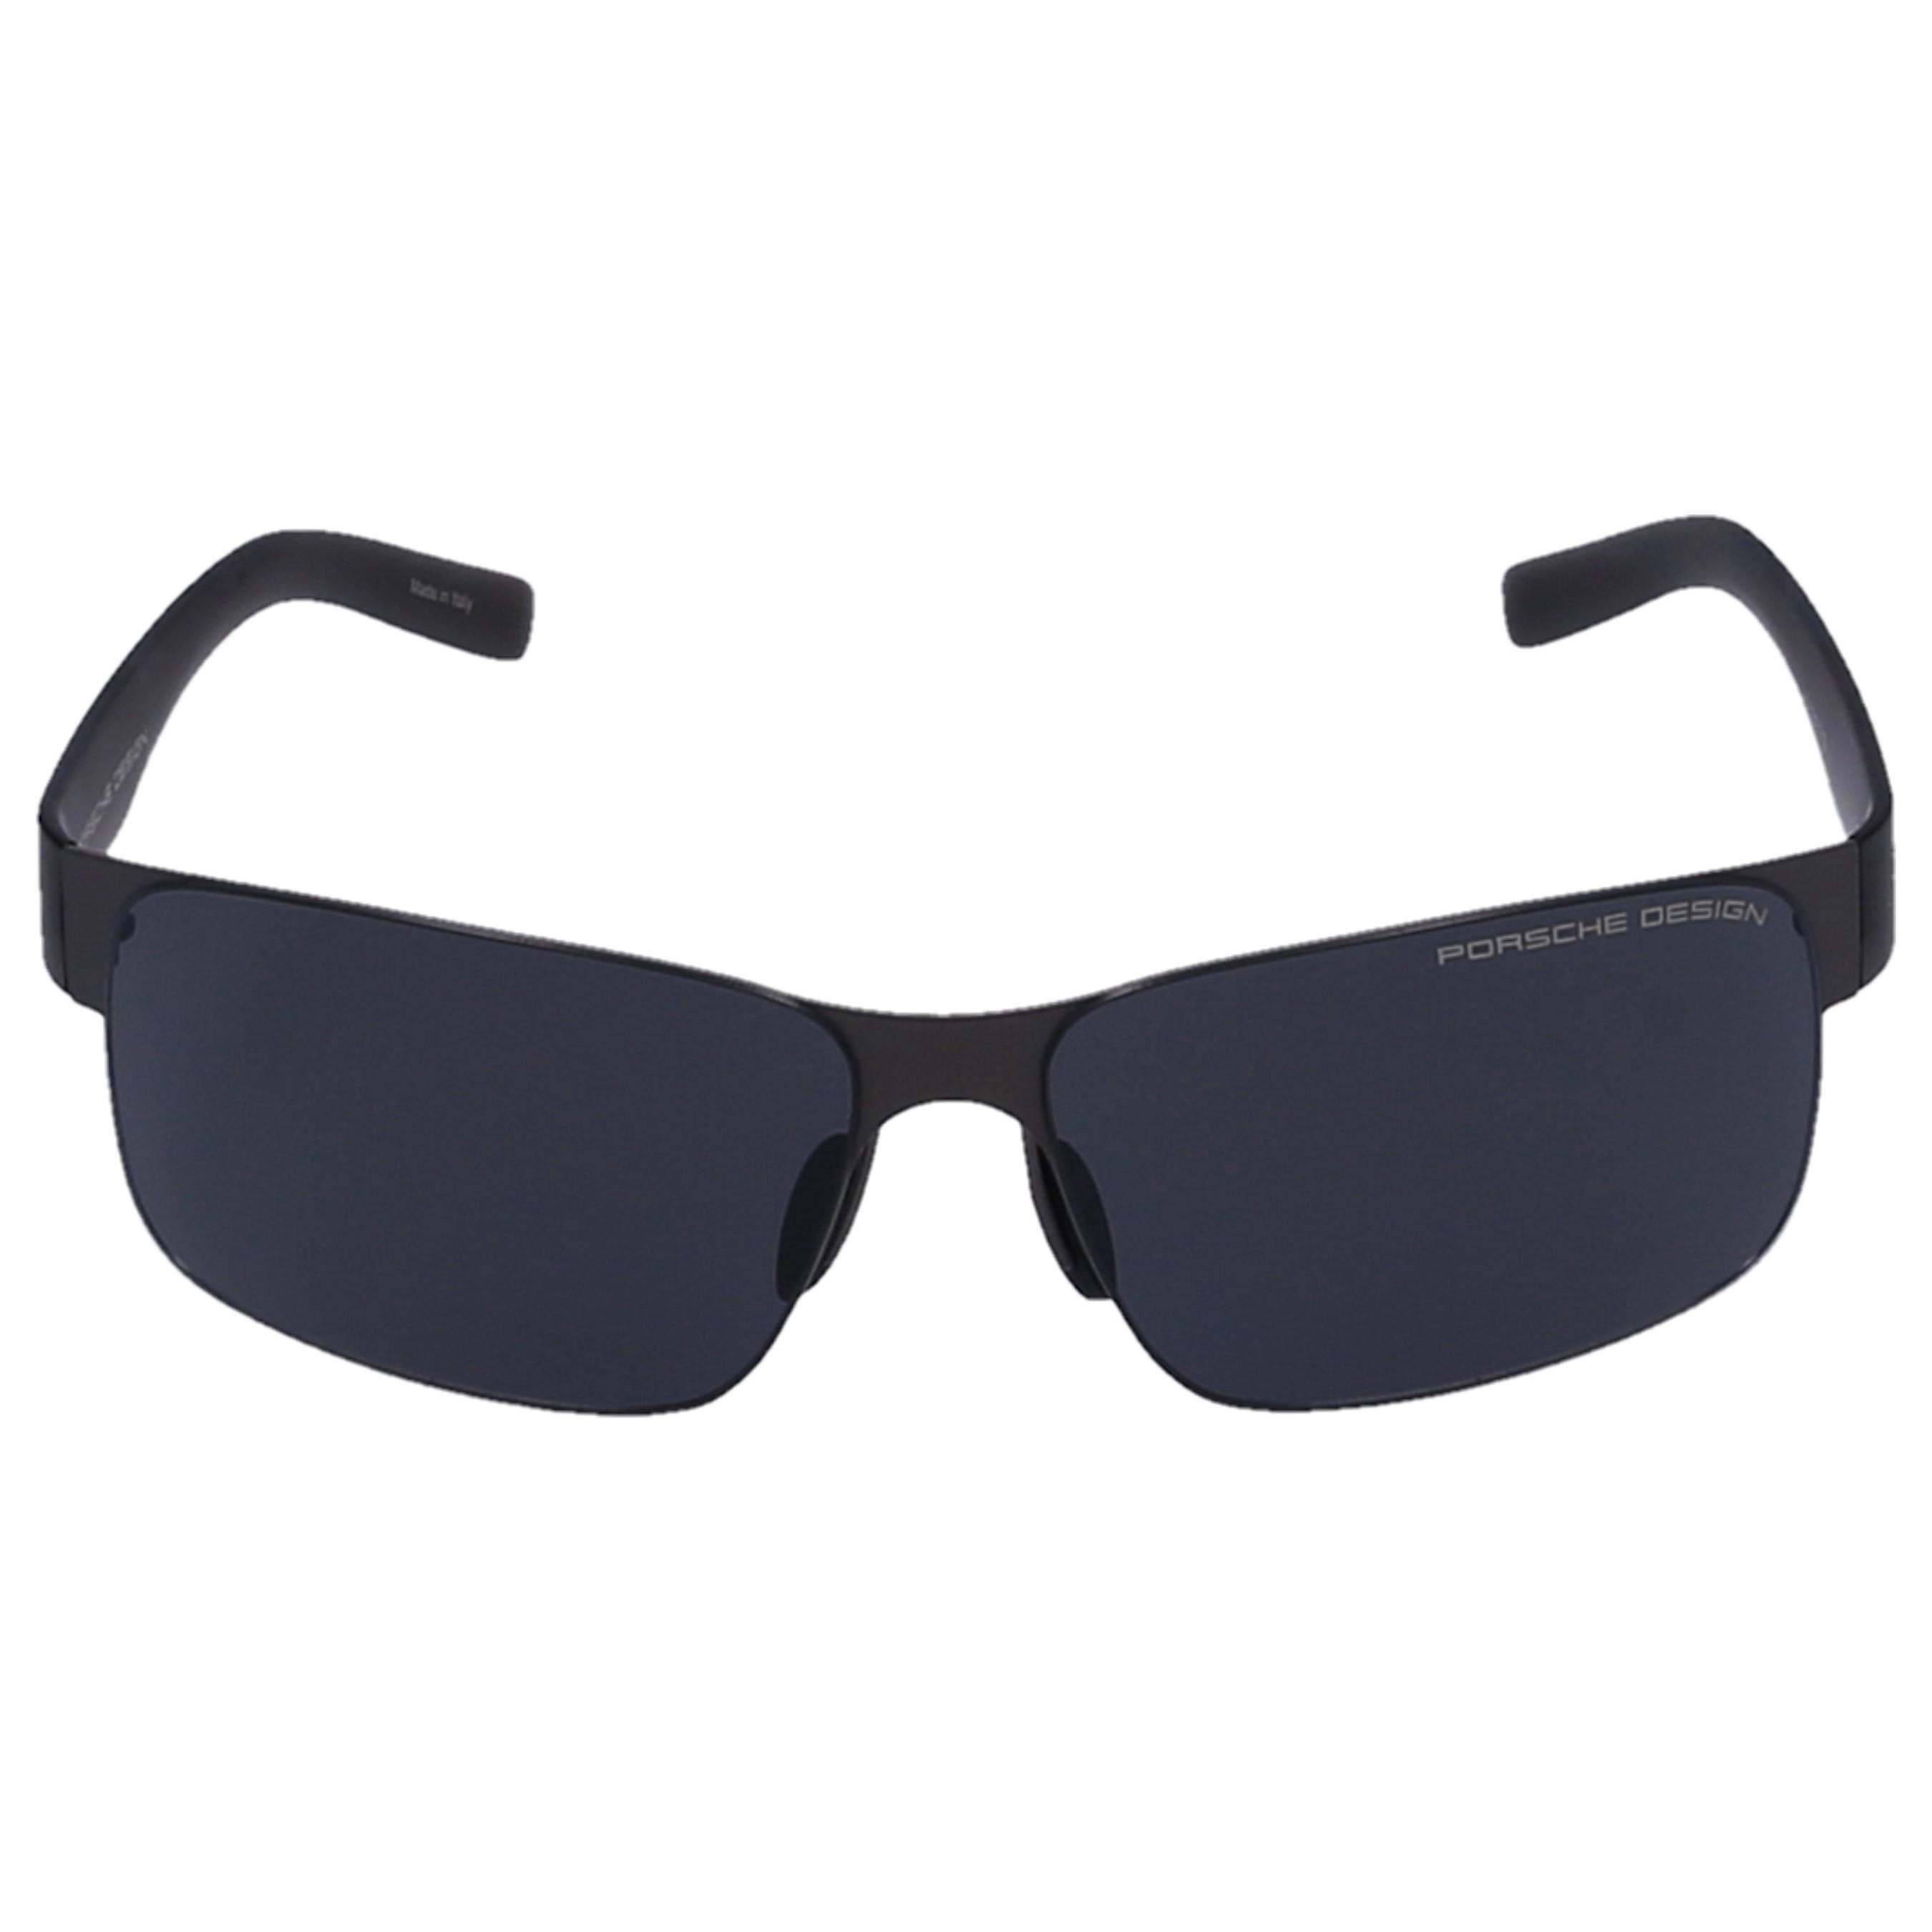 Porsche Design Sonnenbrille Wayfarer 8573 D Acetat grau